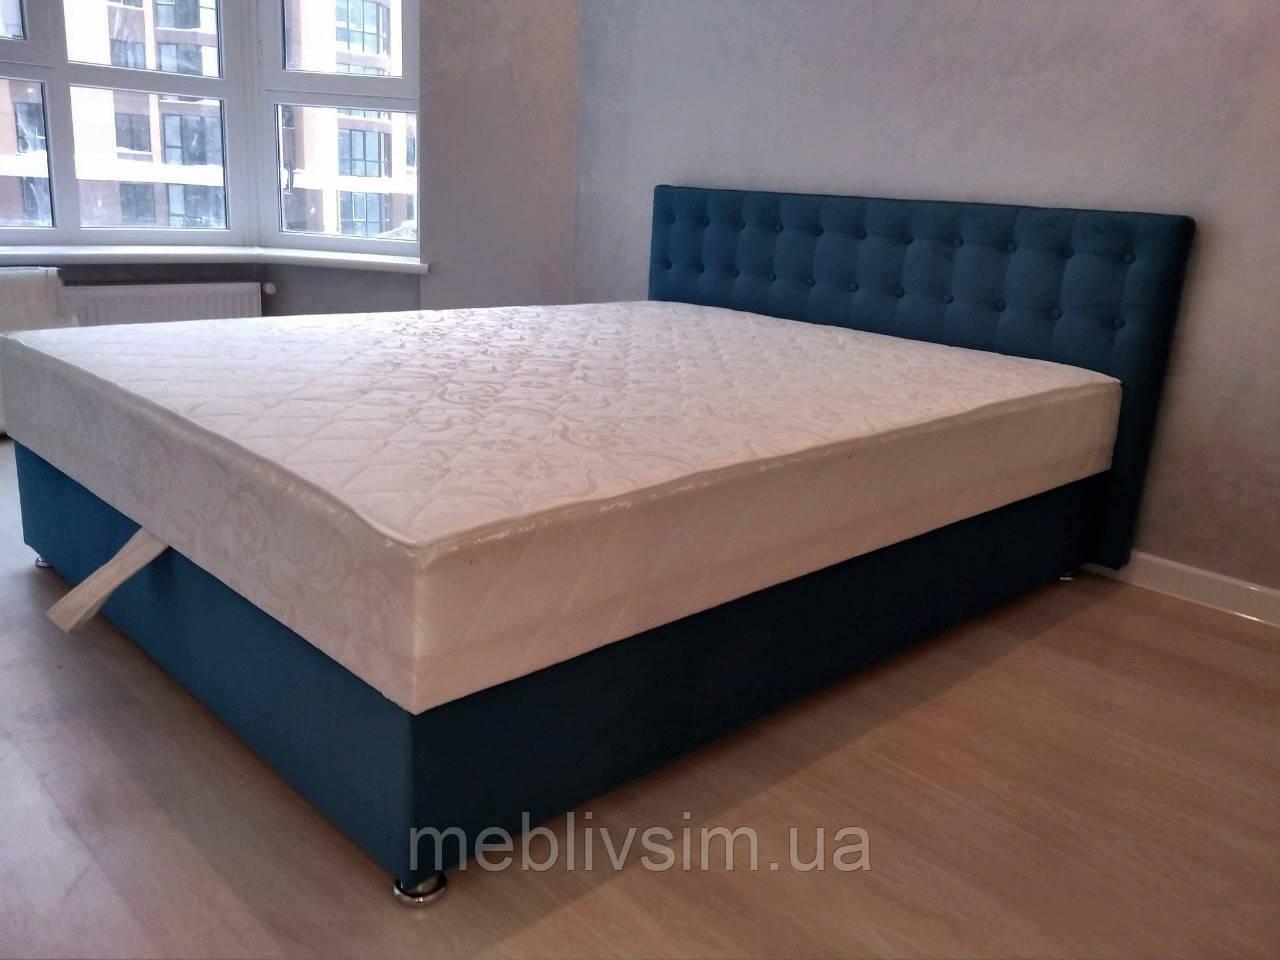 Кровать Альянс Камила 1,4 в велюровой обивке бирюзового цвета с матрасом и подъёмным механизмом с пуговицами